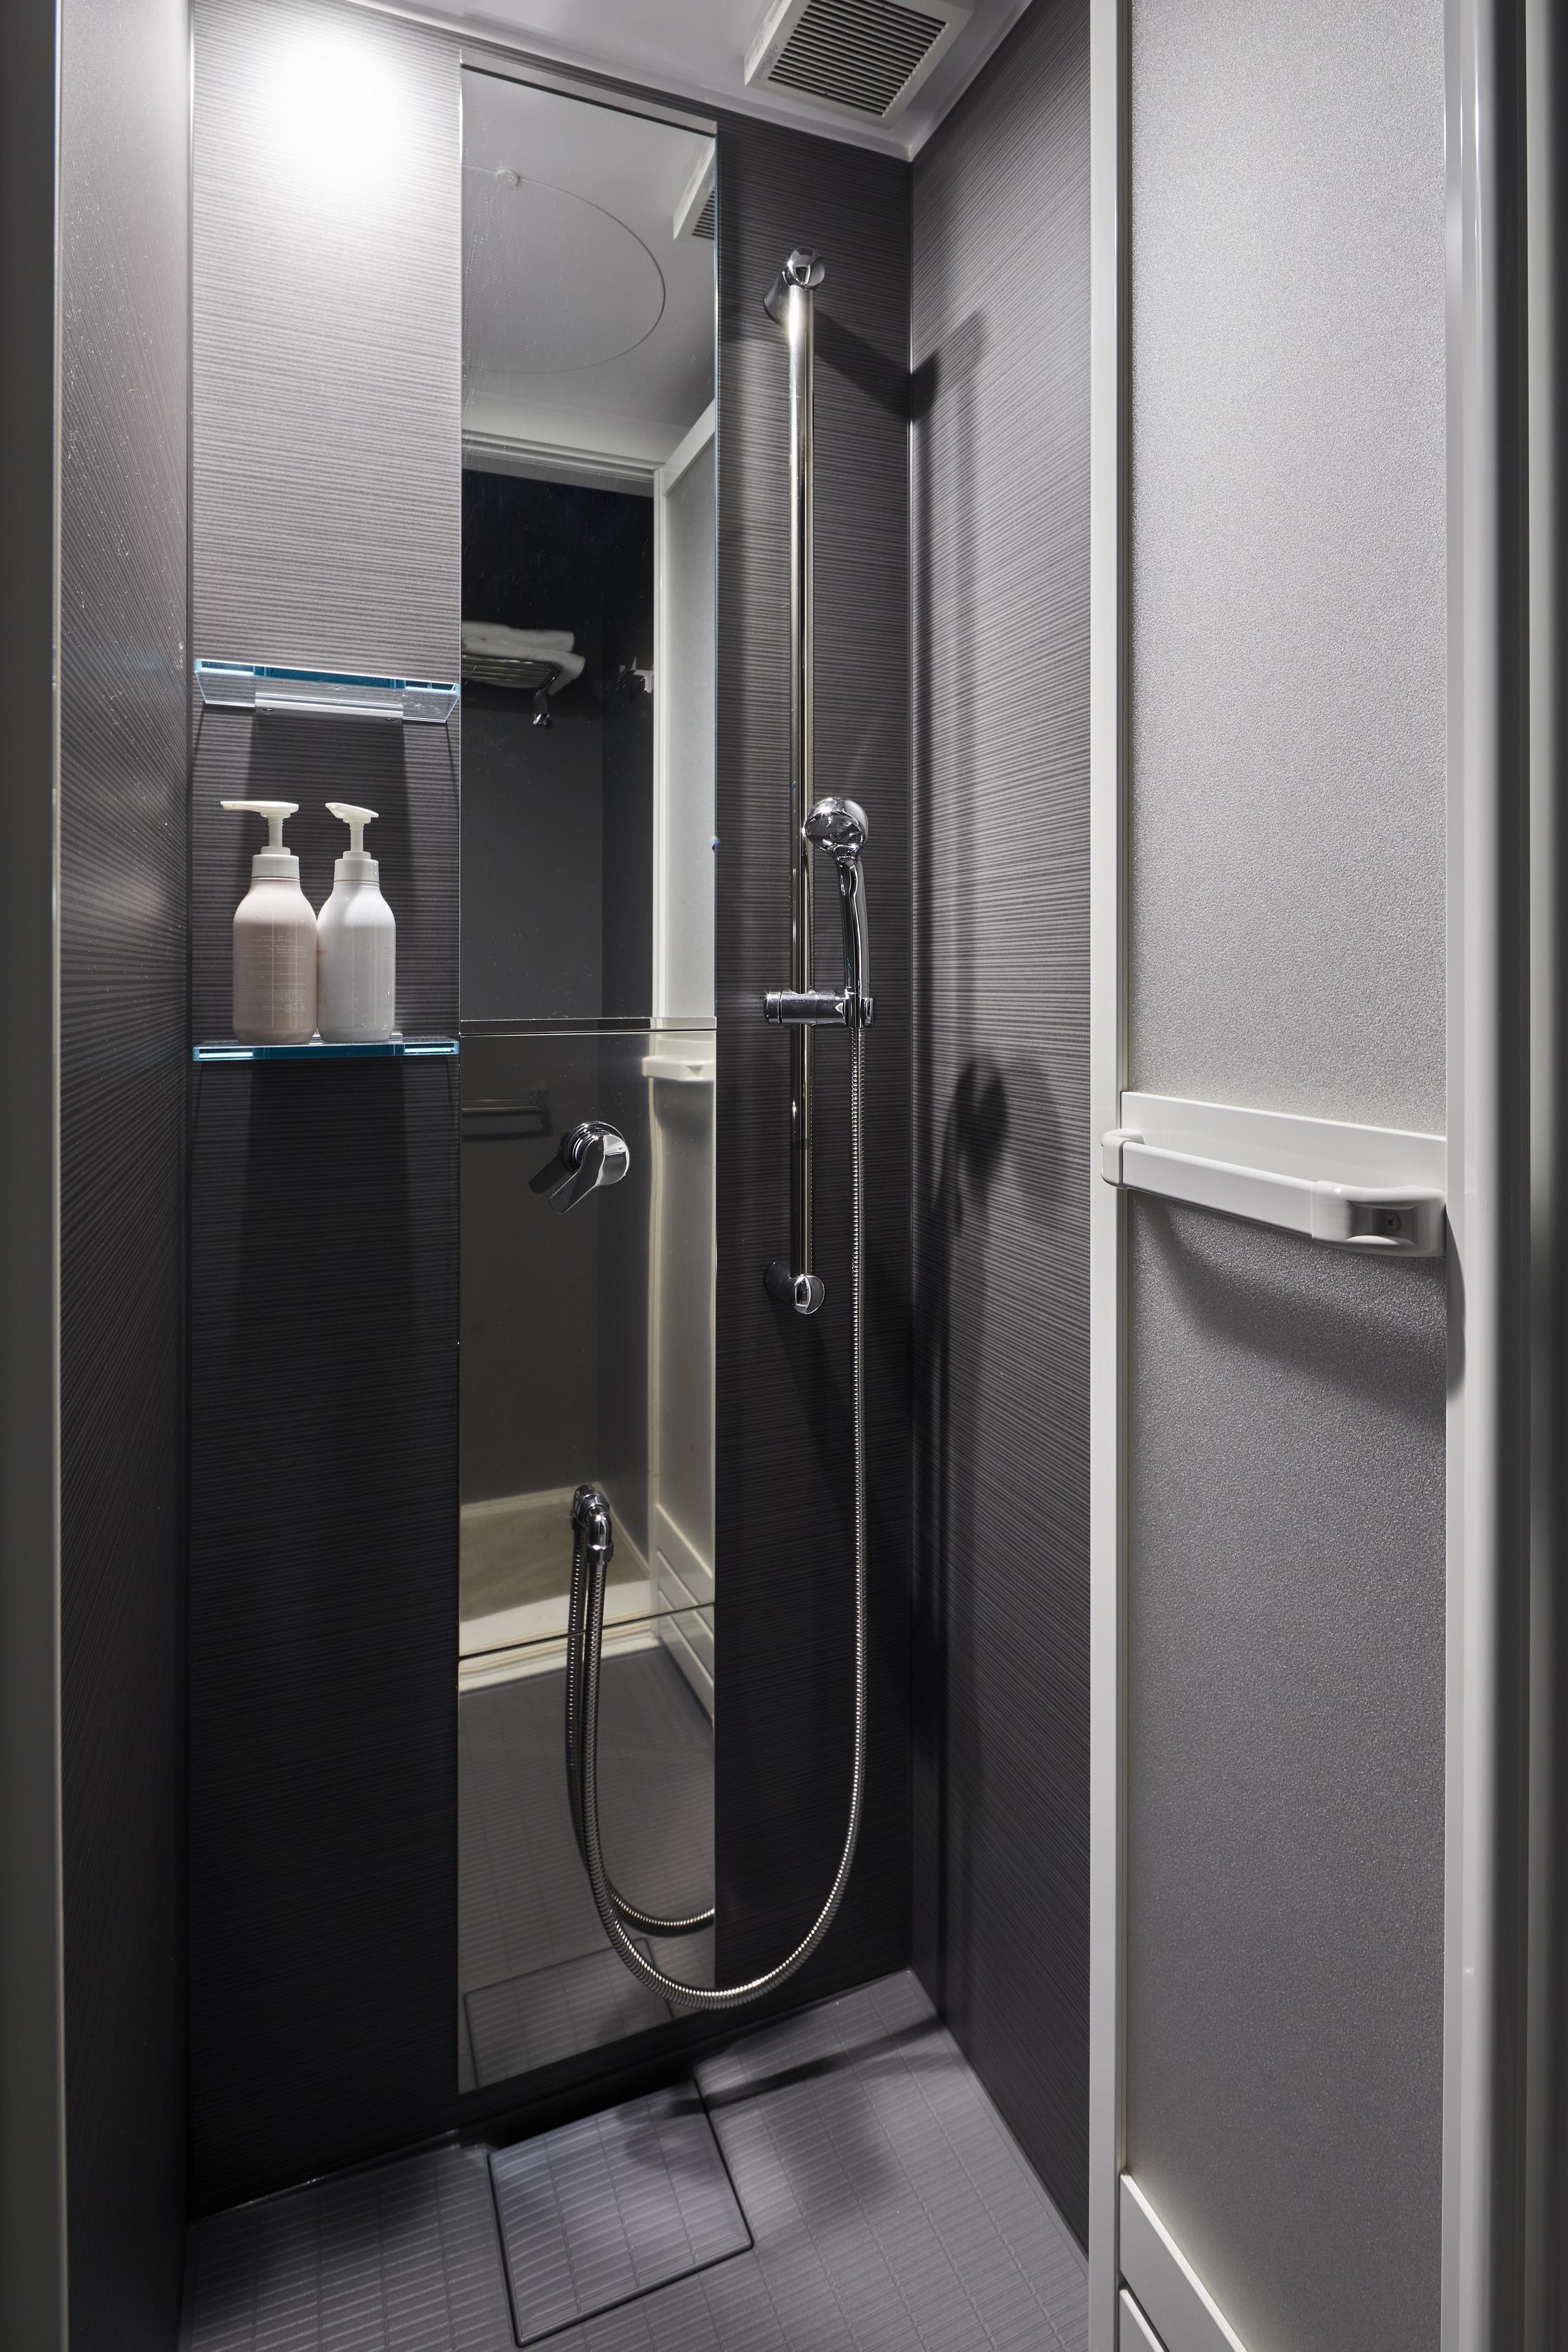 メインの浴室が使われている時に大助かりなシャワー室。来客時にも気兼ねなく使っていただける